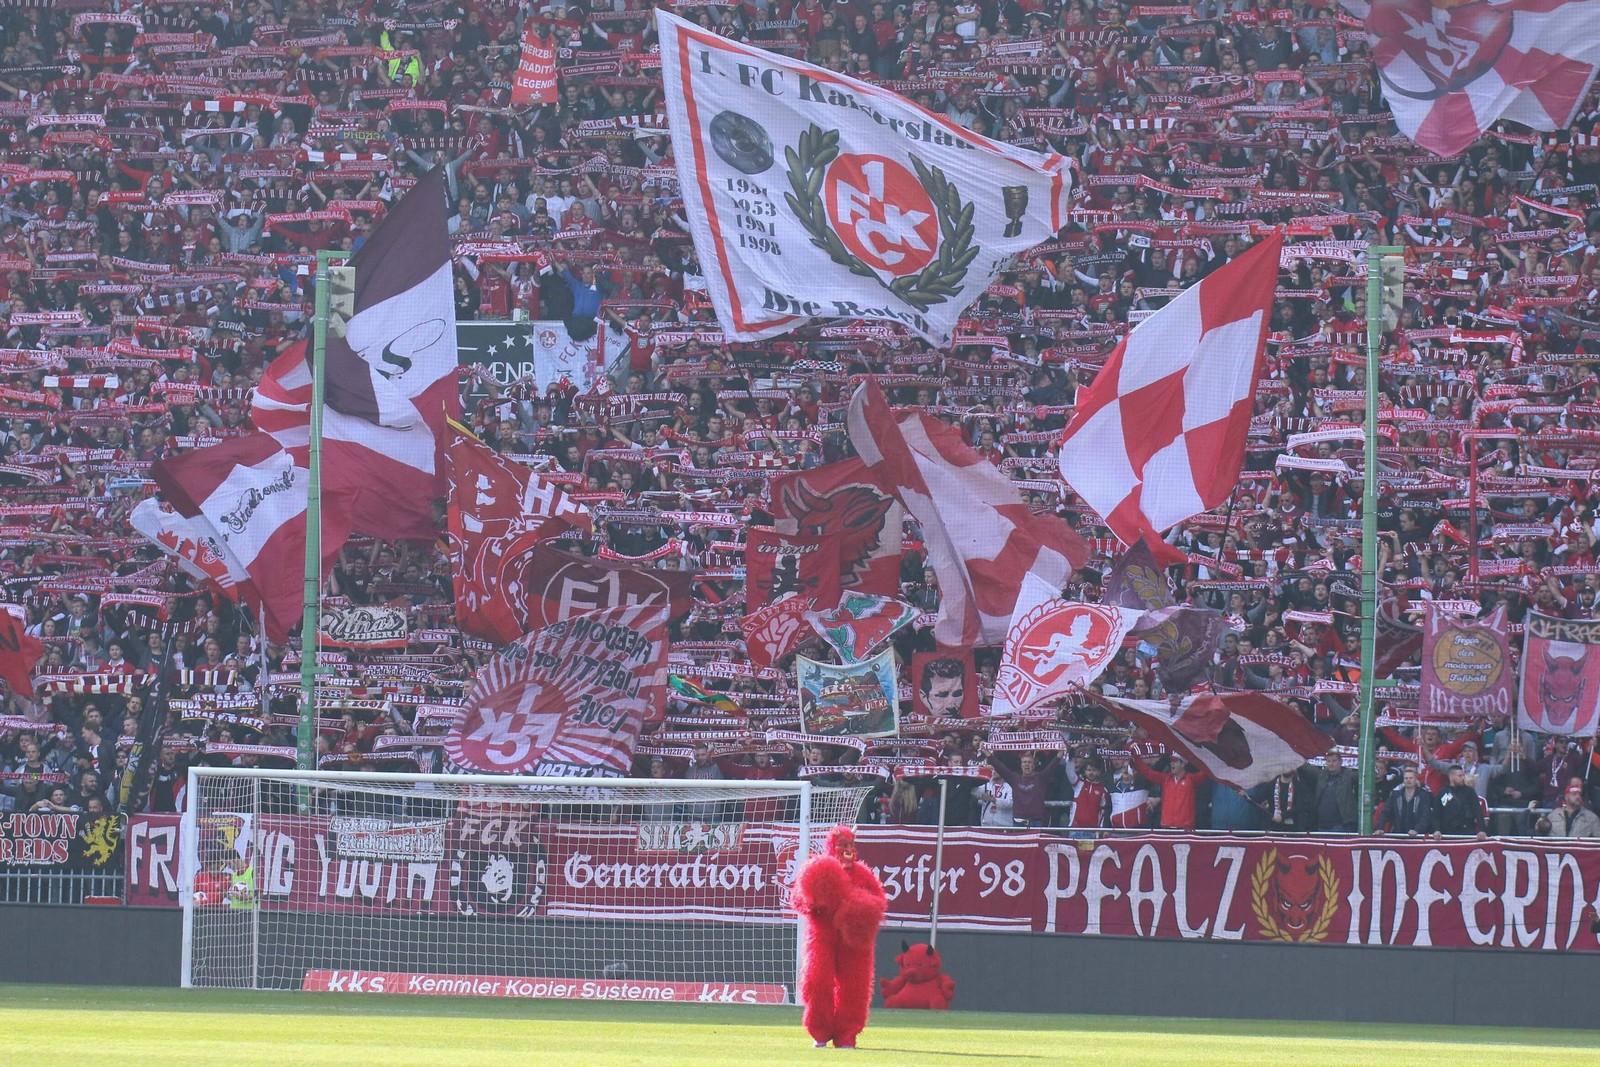 Auch nach dem Abstieg in die 3. Liga kommen die Fans des 1. FC Kaiserslautern zahlreich ins Stadion.